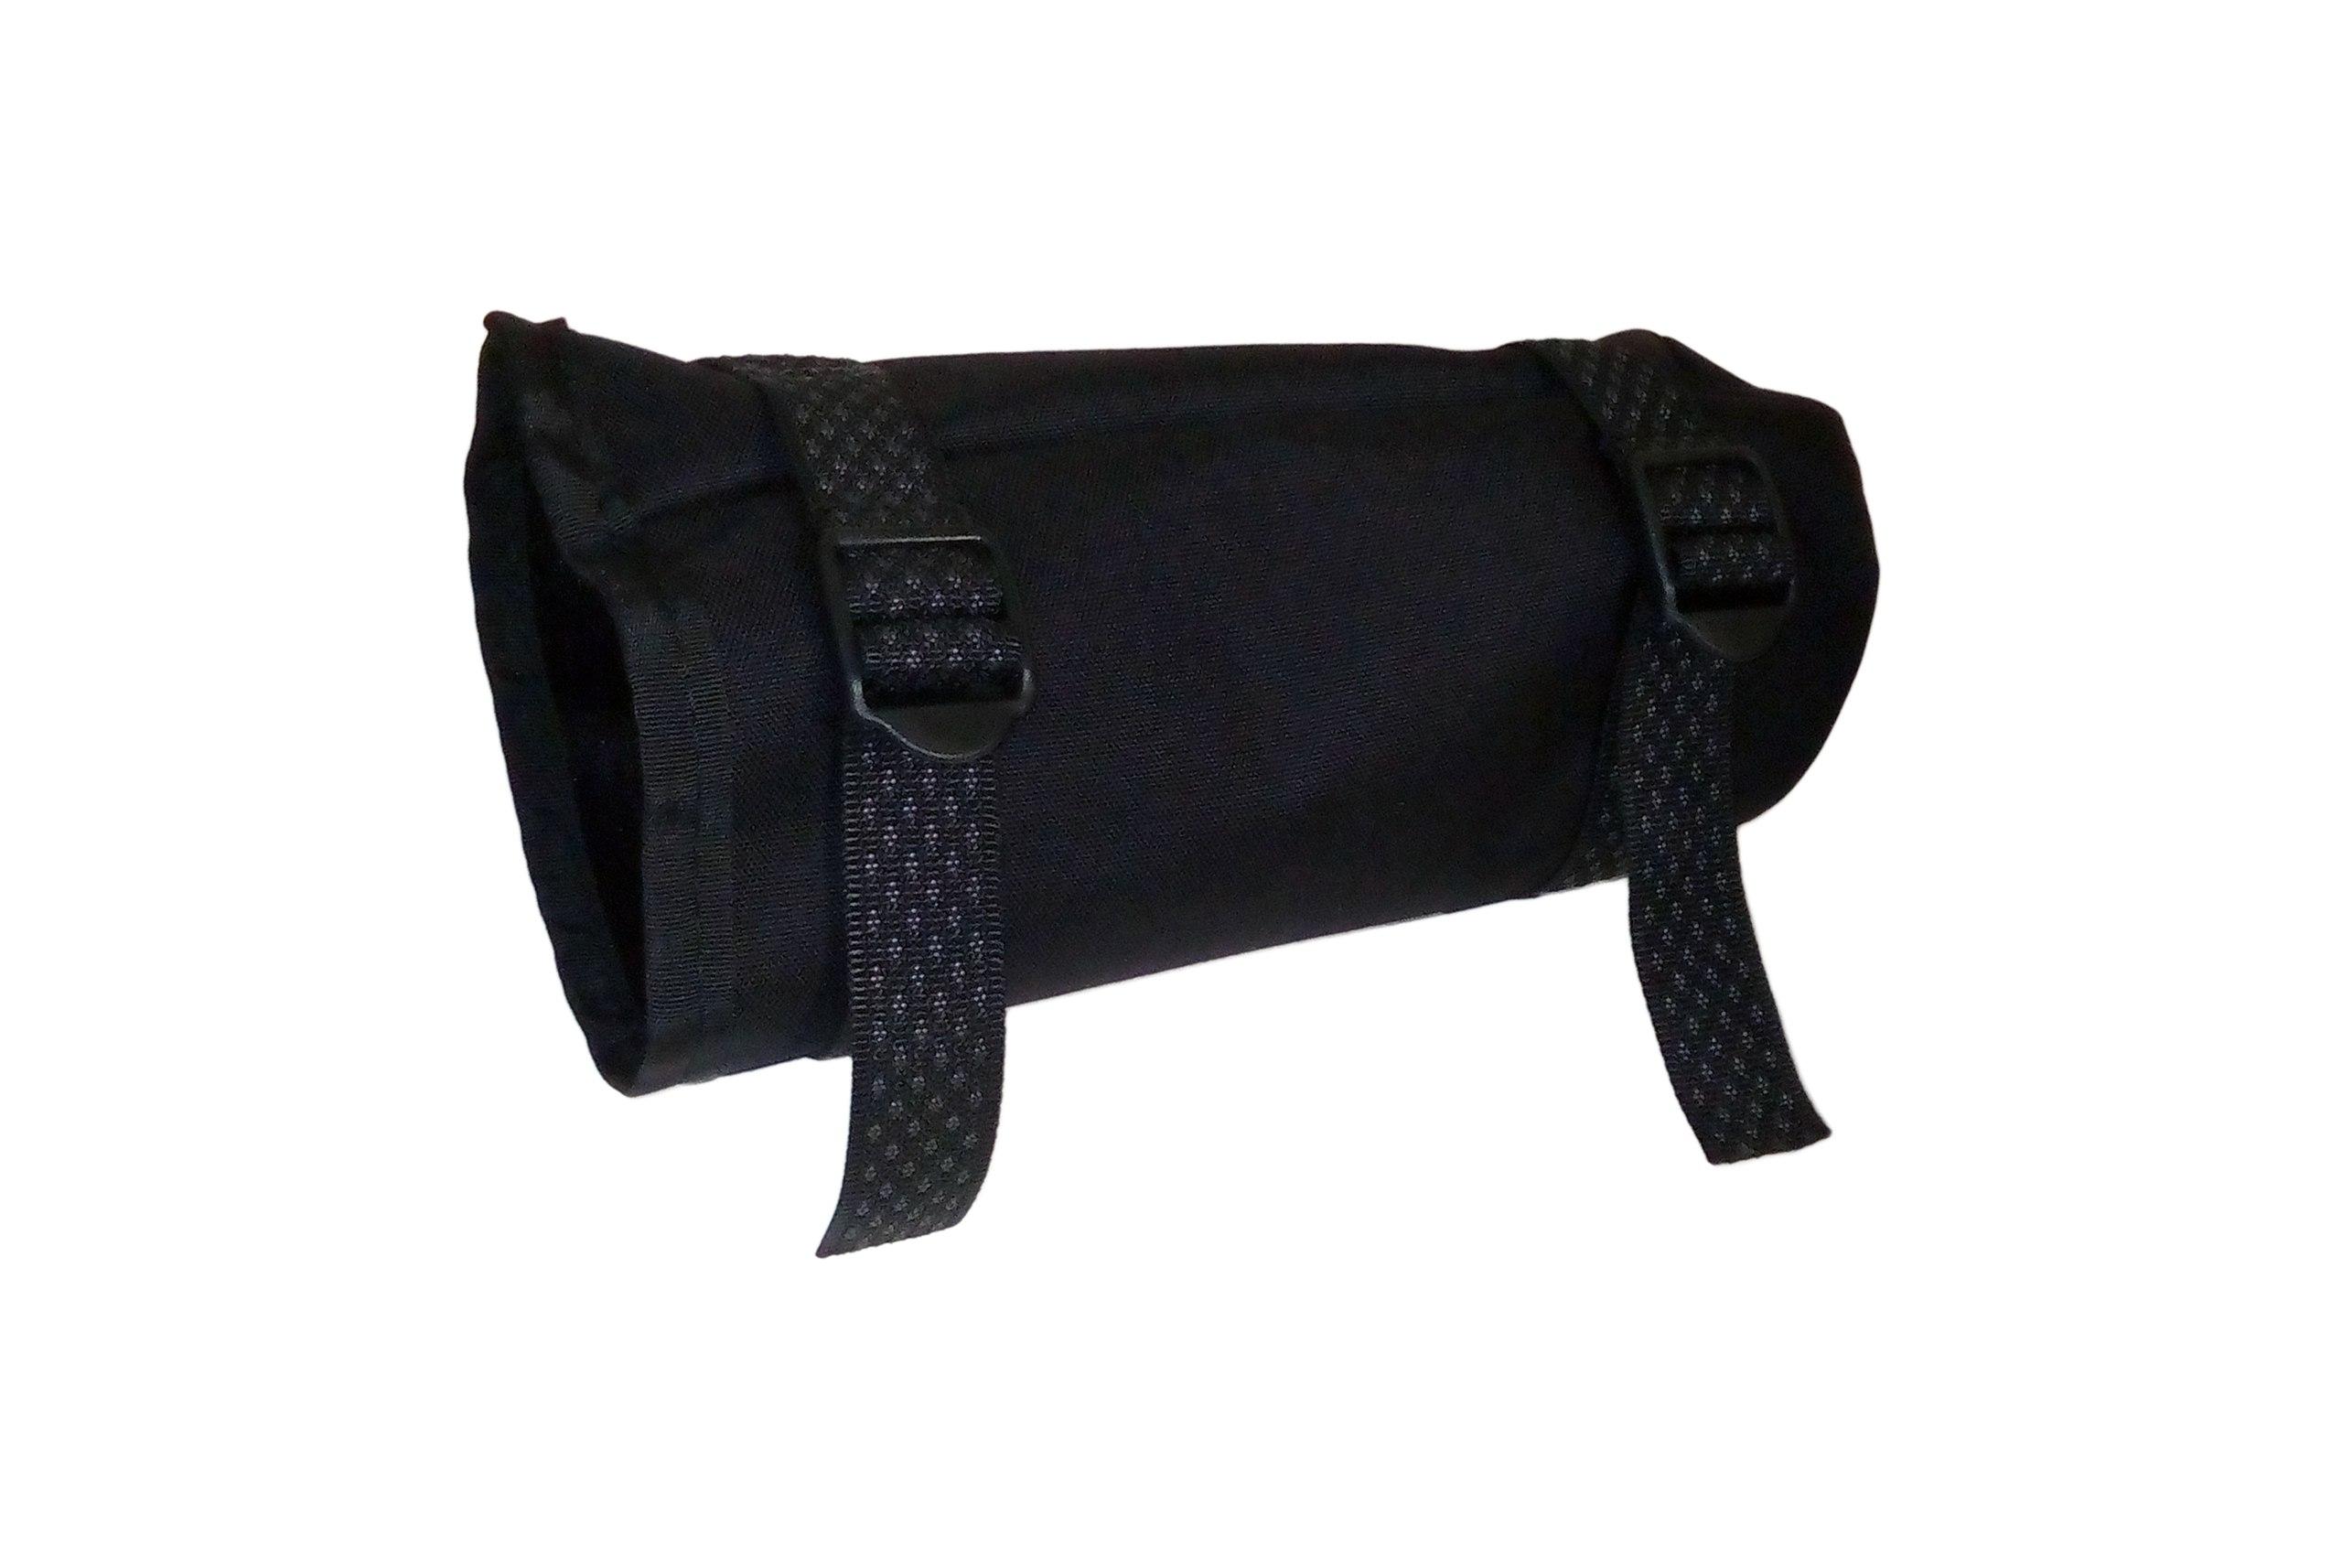 Дополнительный карман к торба Enduro (2)